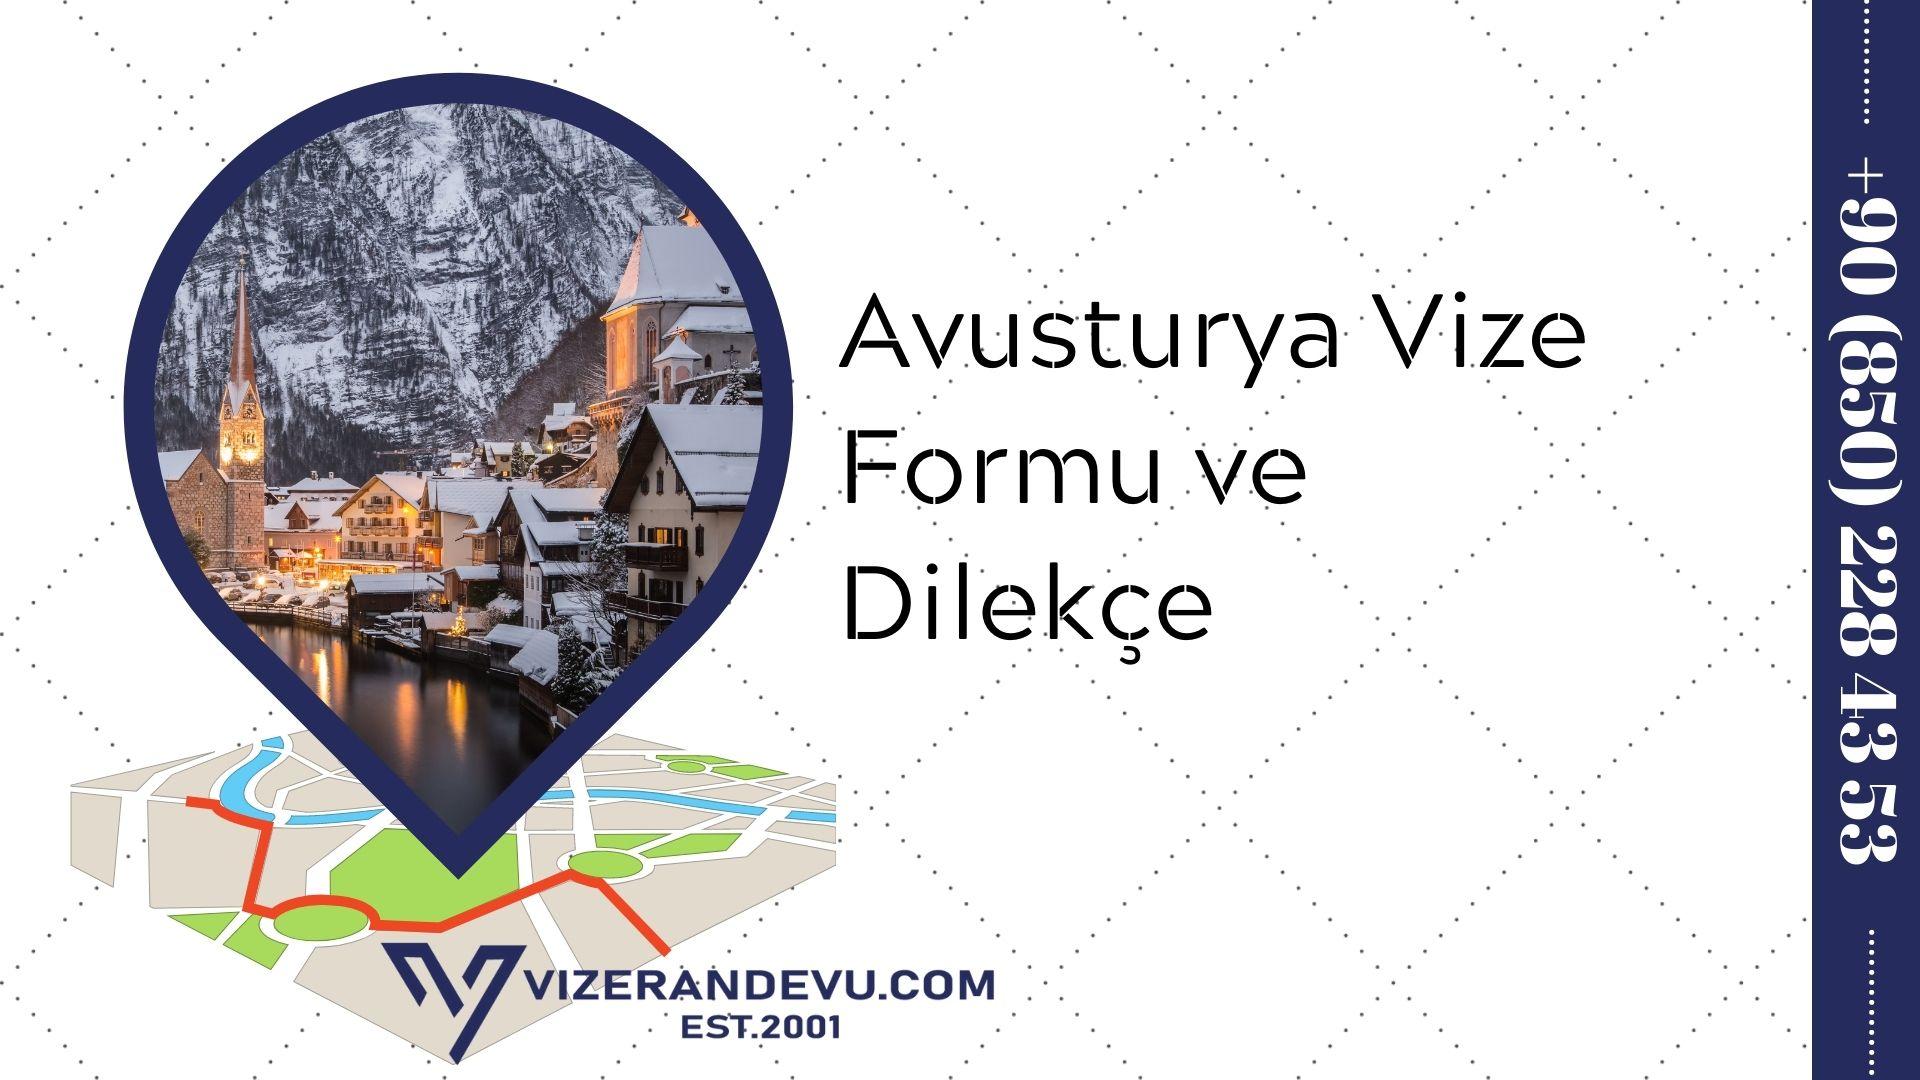 Avusturya Vize Formu ve Dilekçe 2021